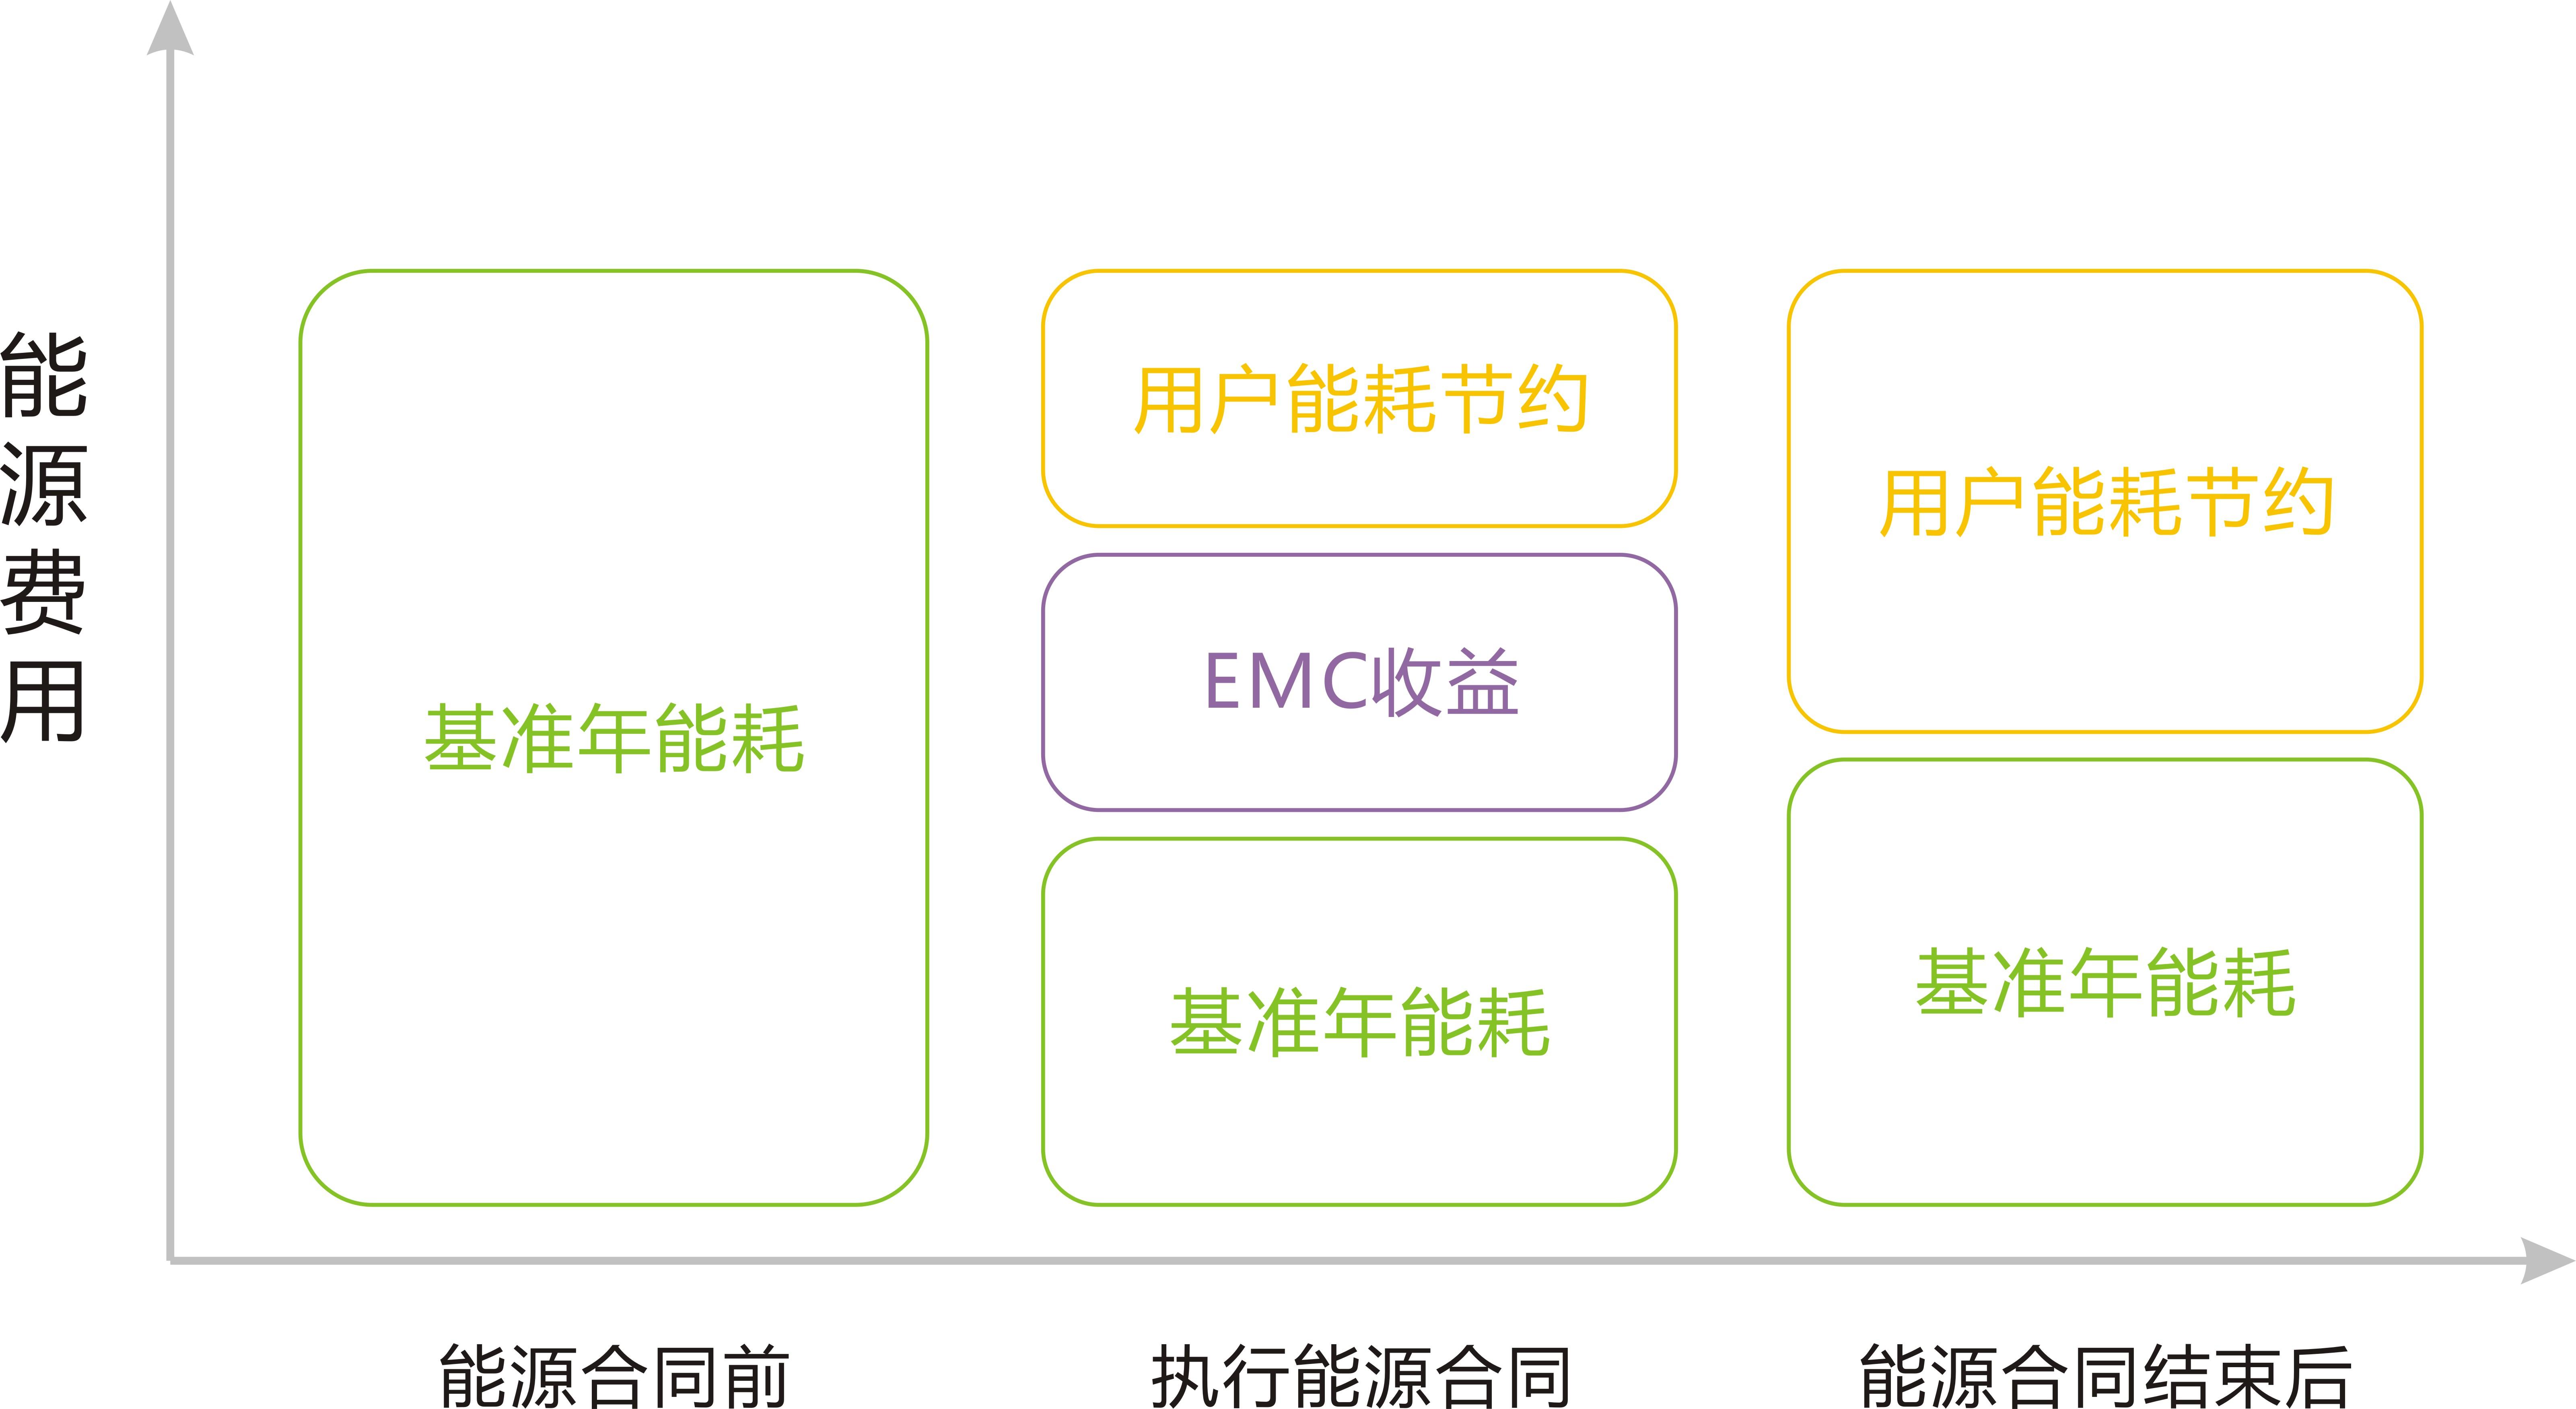 """合同能源管理,于上世纪70年代在西方发达国家兴起的一种基于市场运作的、全新的节能新机制,而基于这种节能新机制运作的专业化公司被称为""""节能服务公司""""(国外称为EPC(Energy Performance Contracting);2010年8月国家质检总局、标准化委员会颁布了《合同能源管理技术通则》和制式合同,将合同能源管理规范为EMC(Energy Management Contracting),国内简称EMC。"""